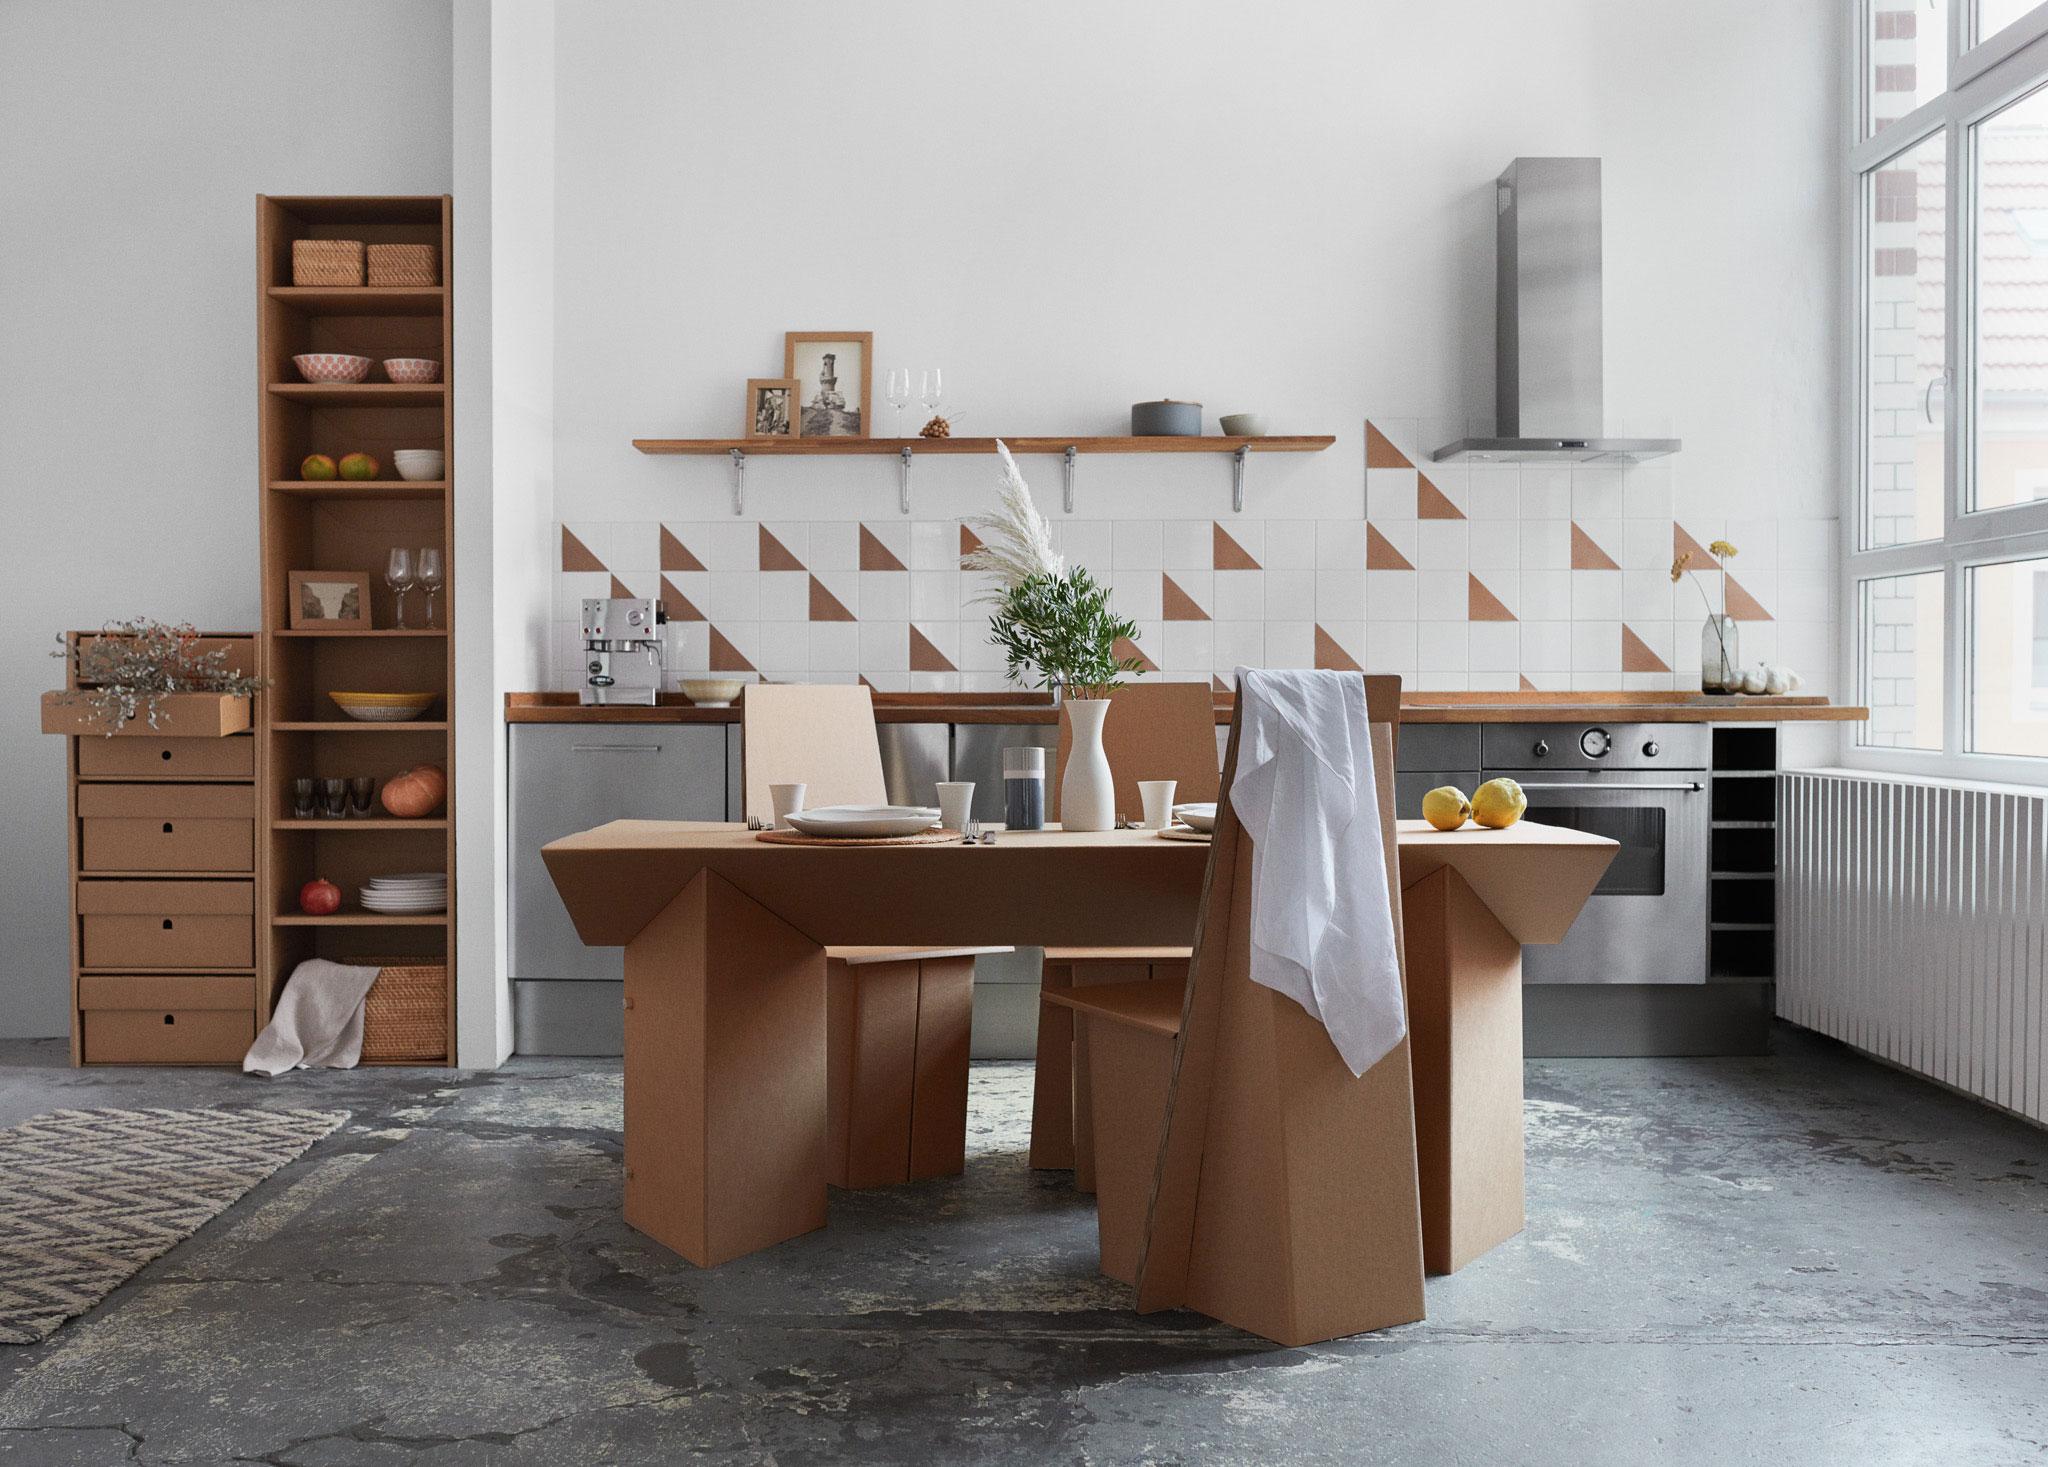 nachhaltige m bel mode und k rperpflege 21grad. Black Bedroom Furniture Sets. Home Design Ideas